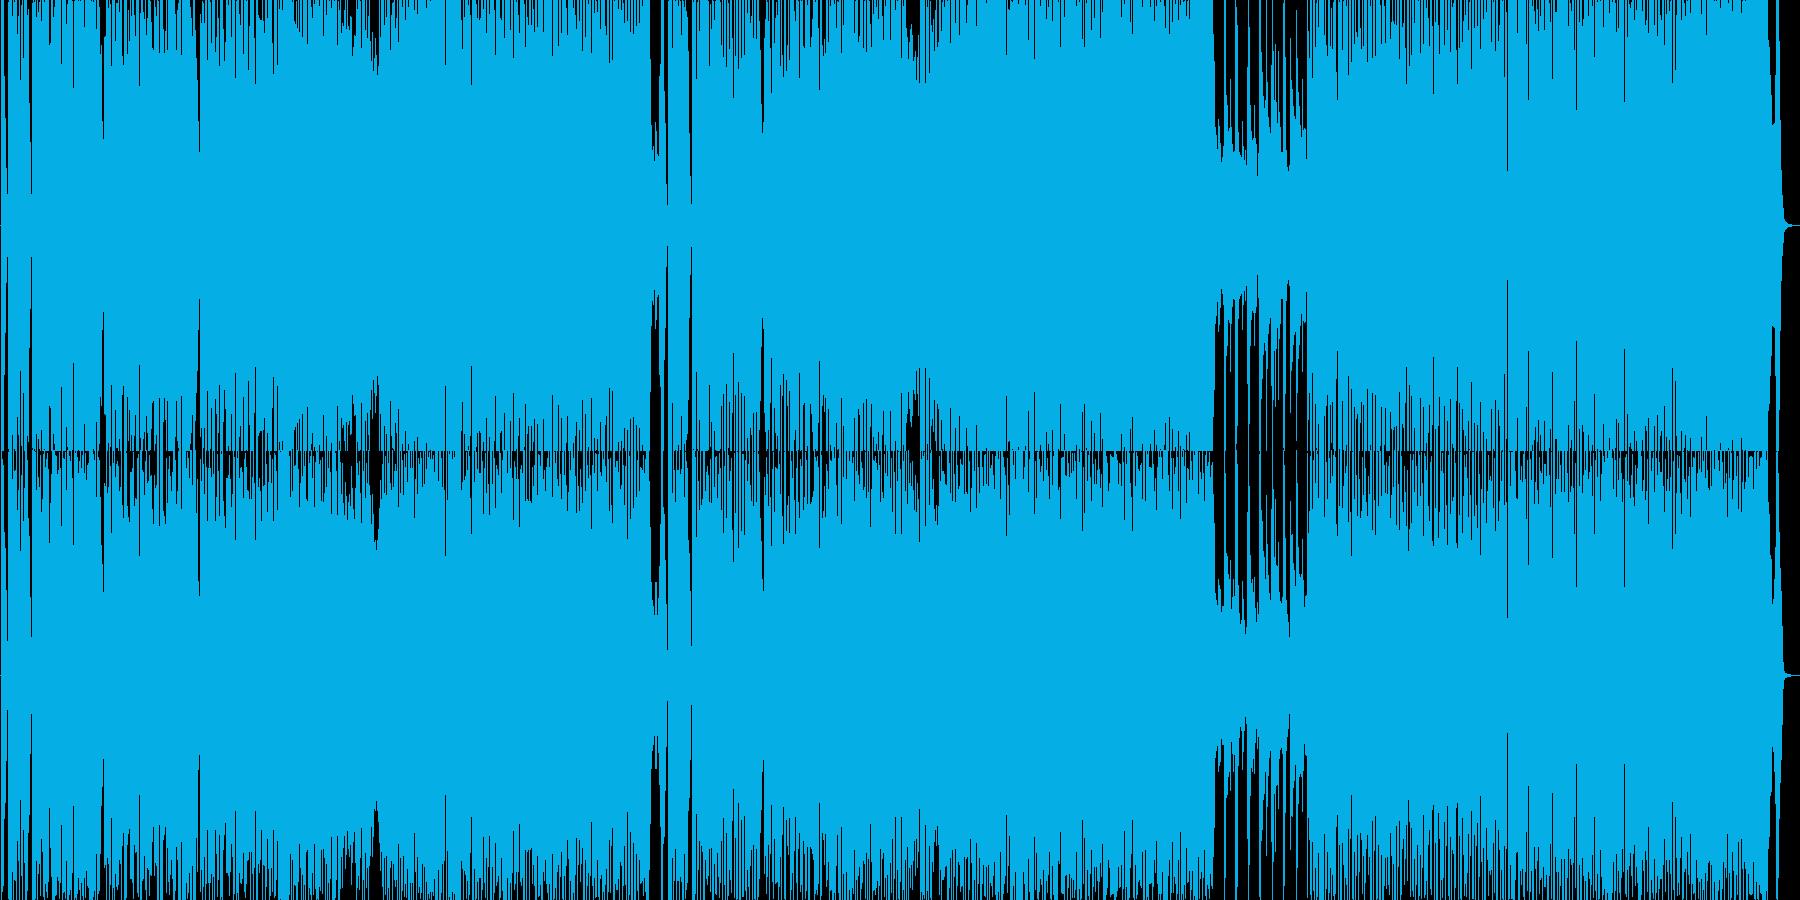 ファンキーなブラスの派手なポップスの再生済みの波形